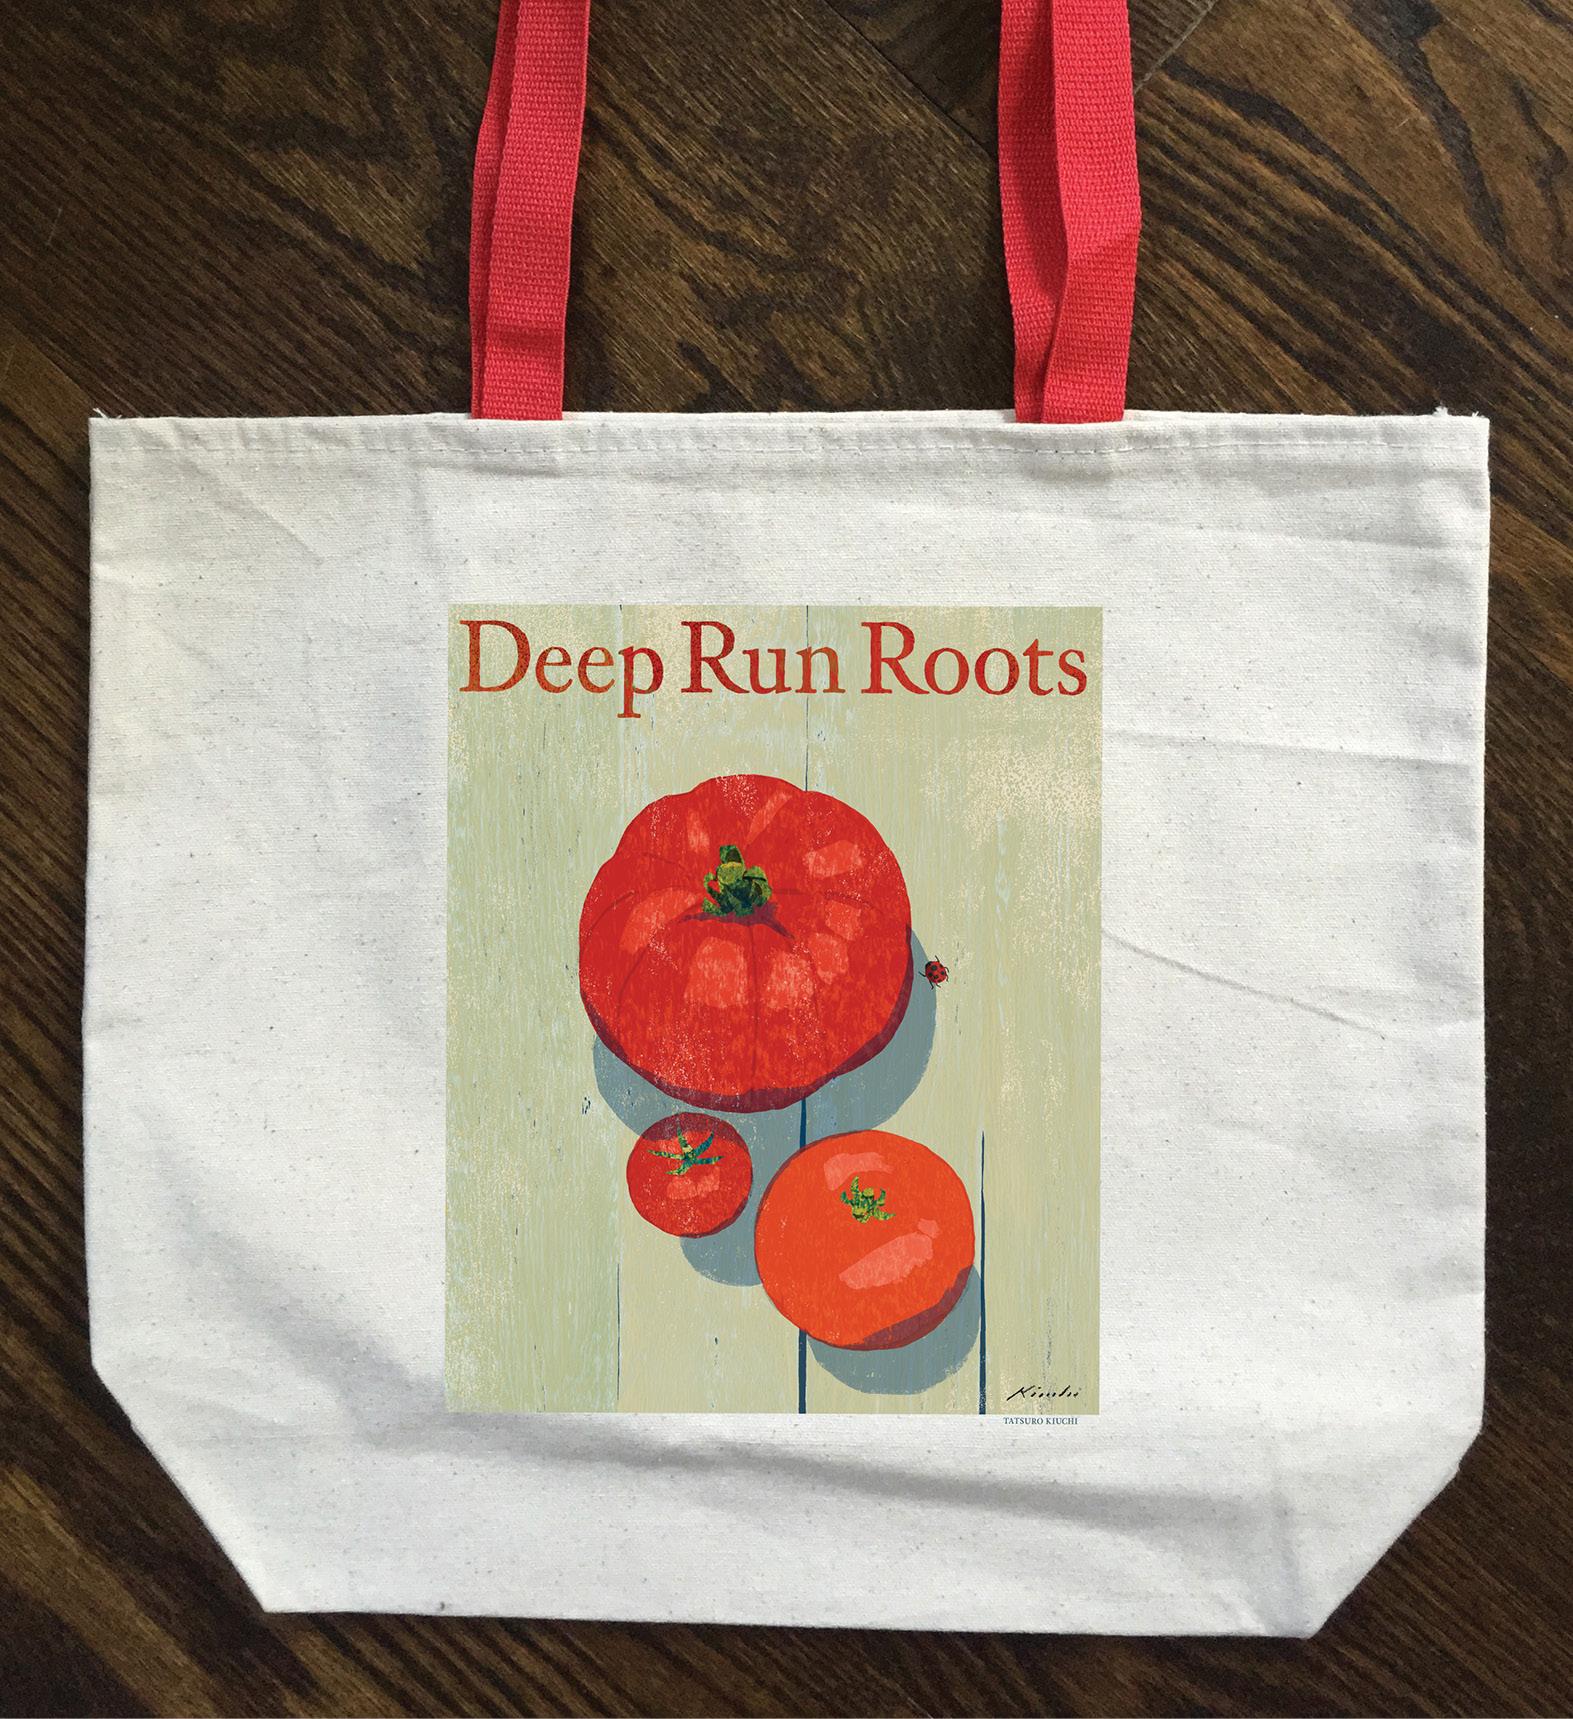 DMD_E-C_Deep Run Roots Bag_150.jpg